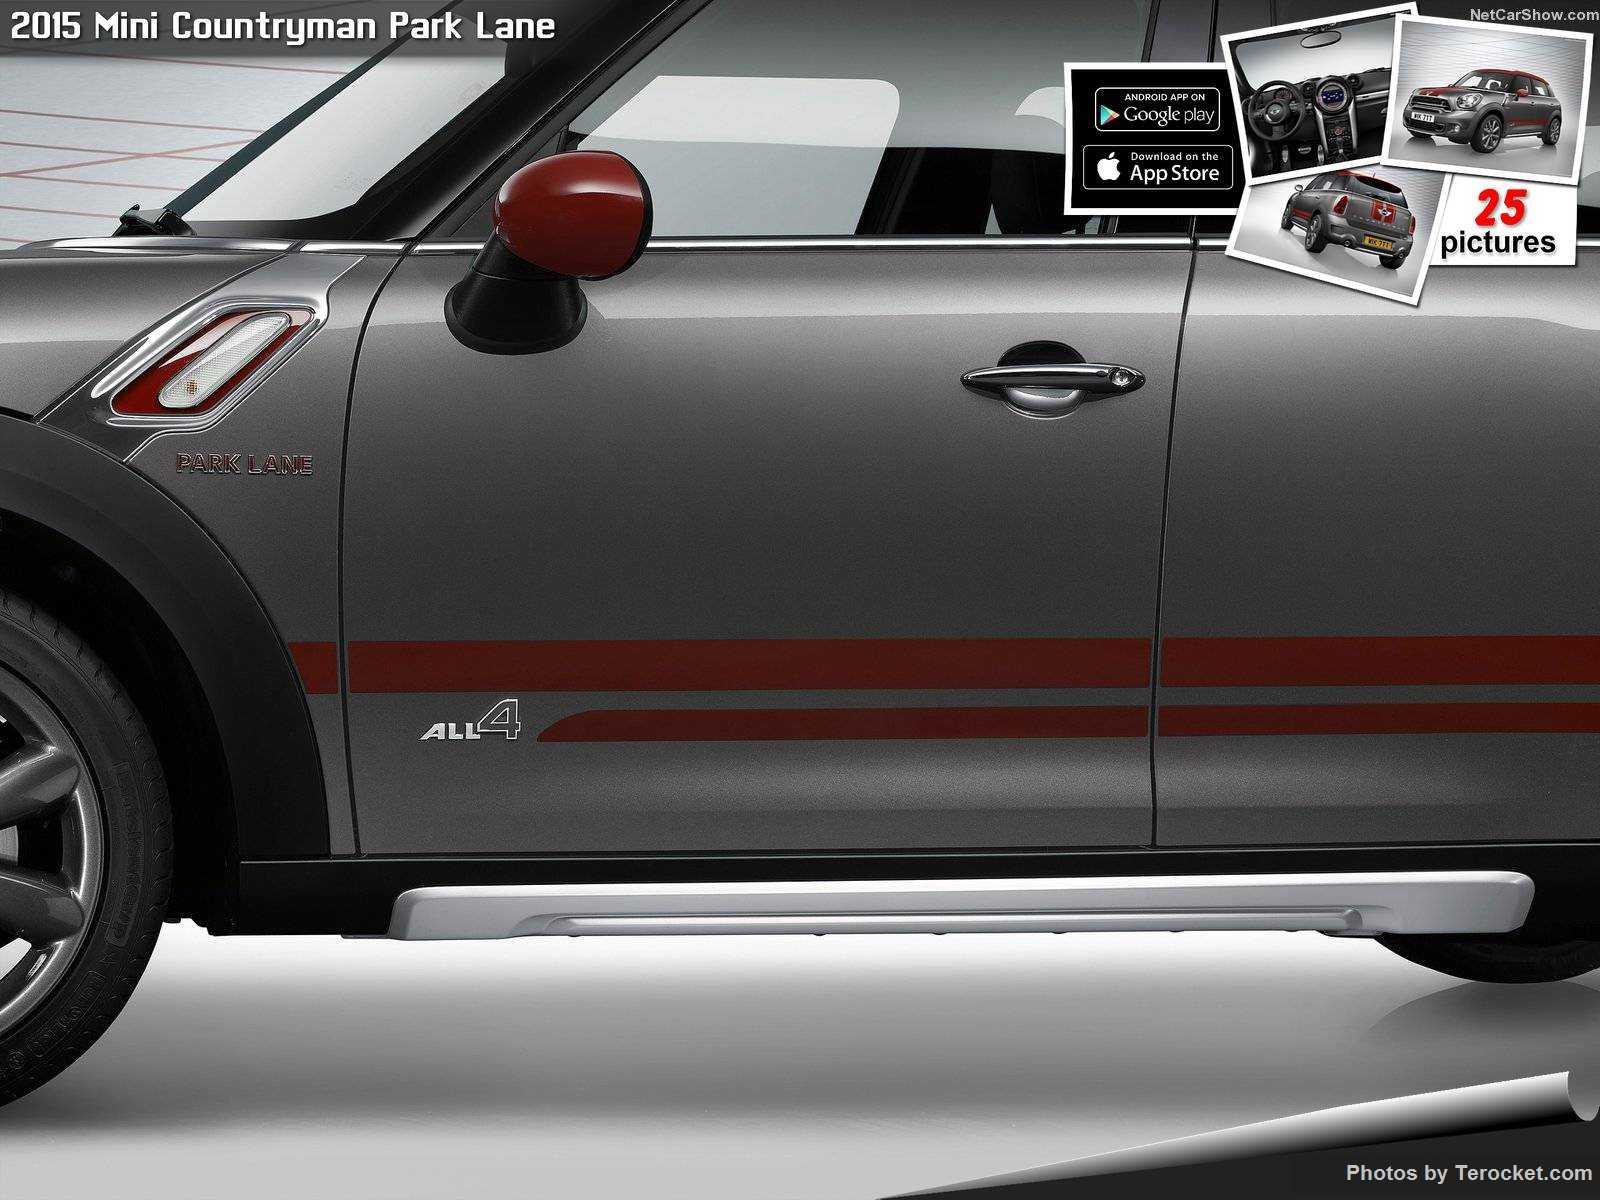 Hình ảnh xe ô tô Mini Countryman Park Lane 2015 & nội ngoại thất